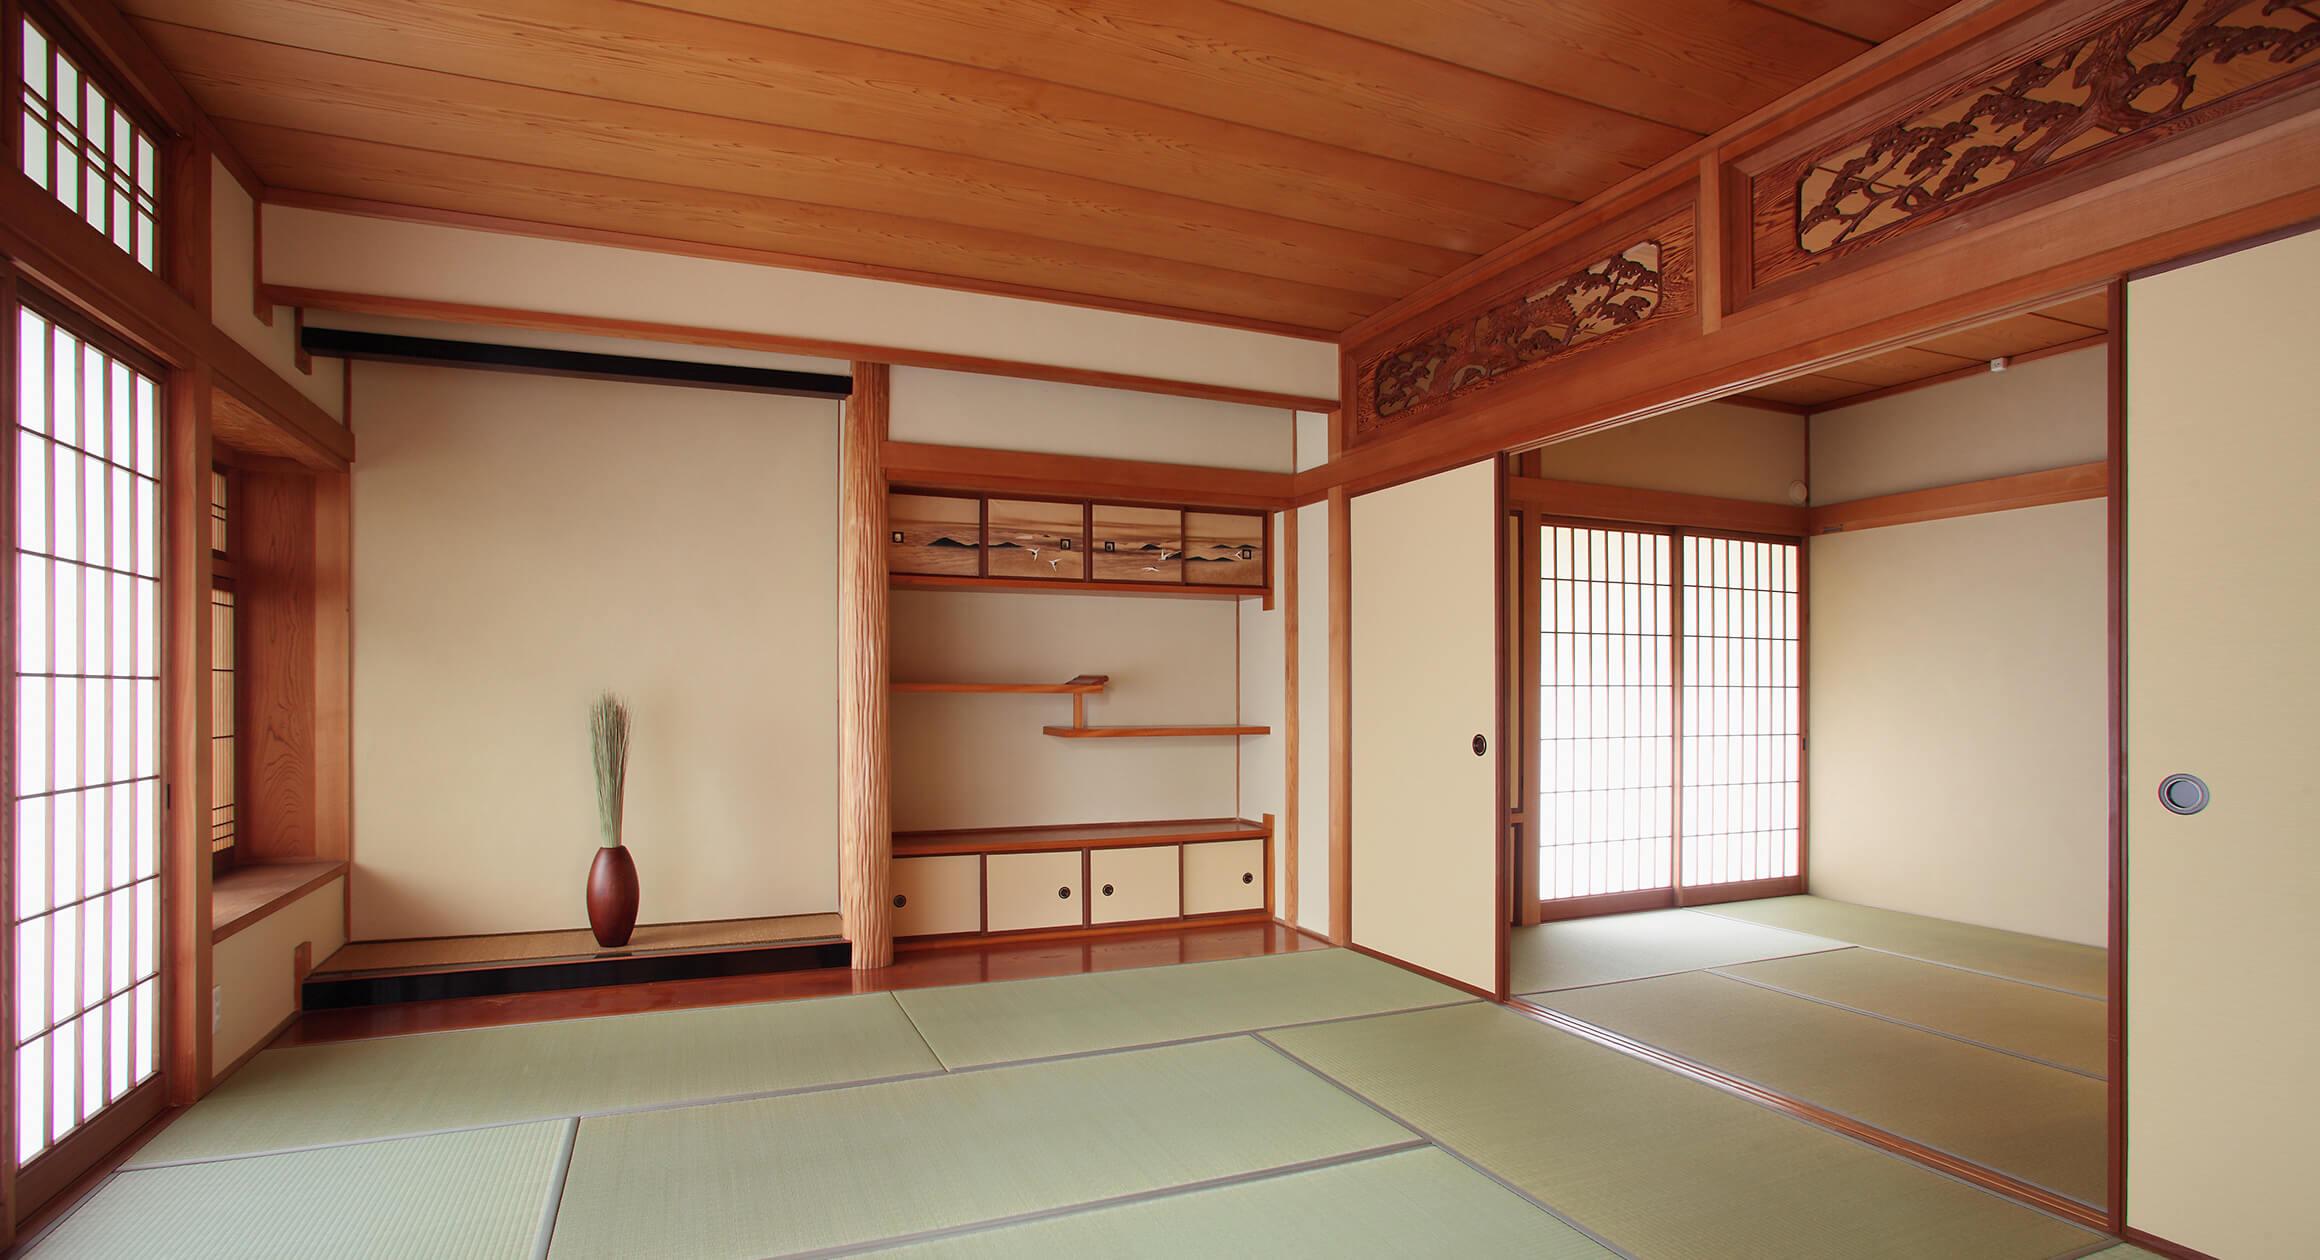 三友工務店のリフォーム・リノベーション事例 熊本市F様邸